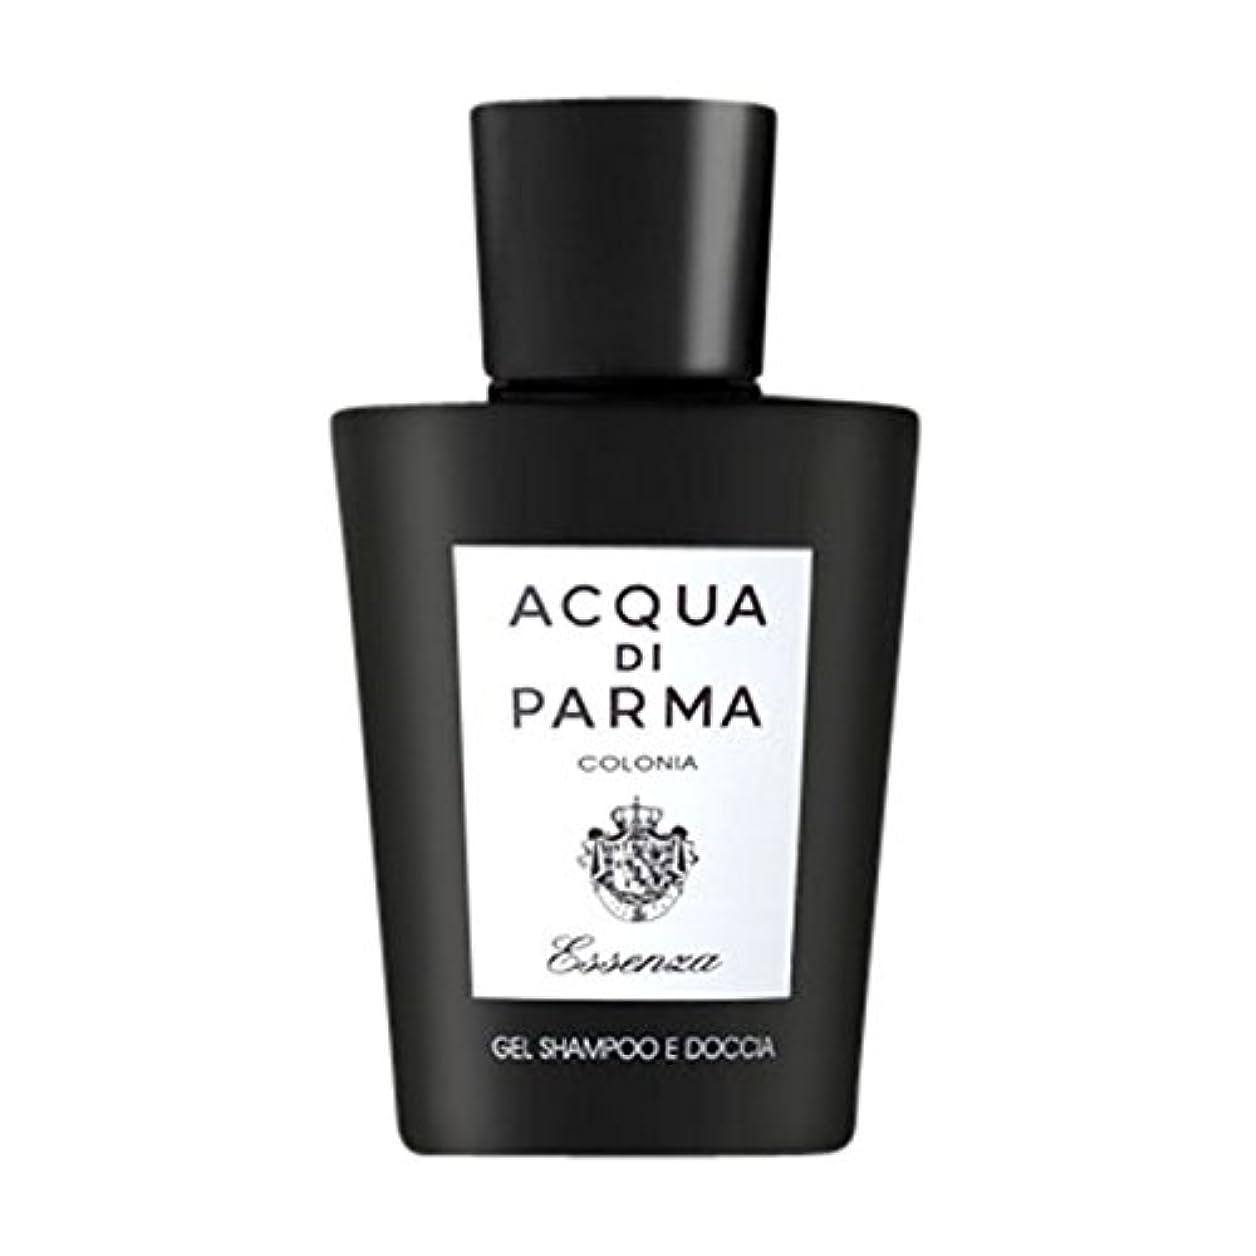 スキッパー運河風味アクアディパルマコロニアEssenza髪とシャワージェル200ミリリットル (Acqua di Parma) (x2) - Acqua di Parma Colonia Essenza Hair and Shower Gel 200ml (Pack of 2) [並行輸入品]